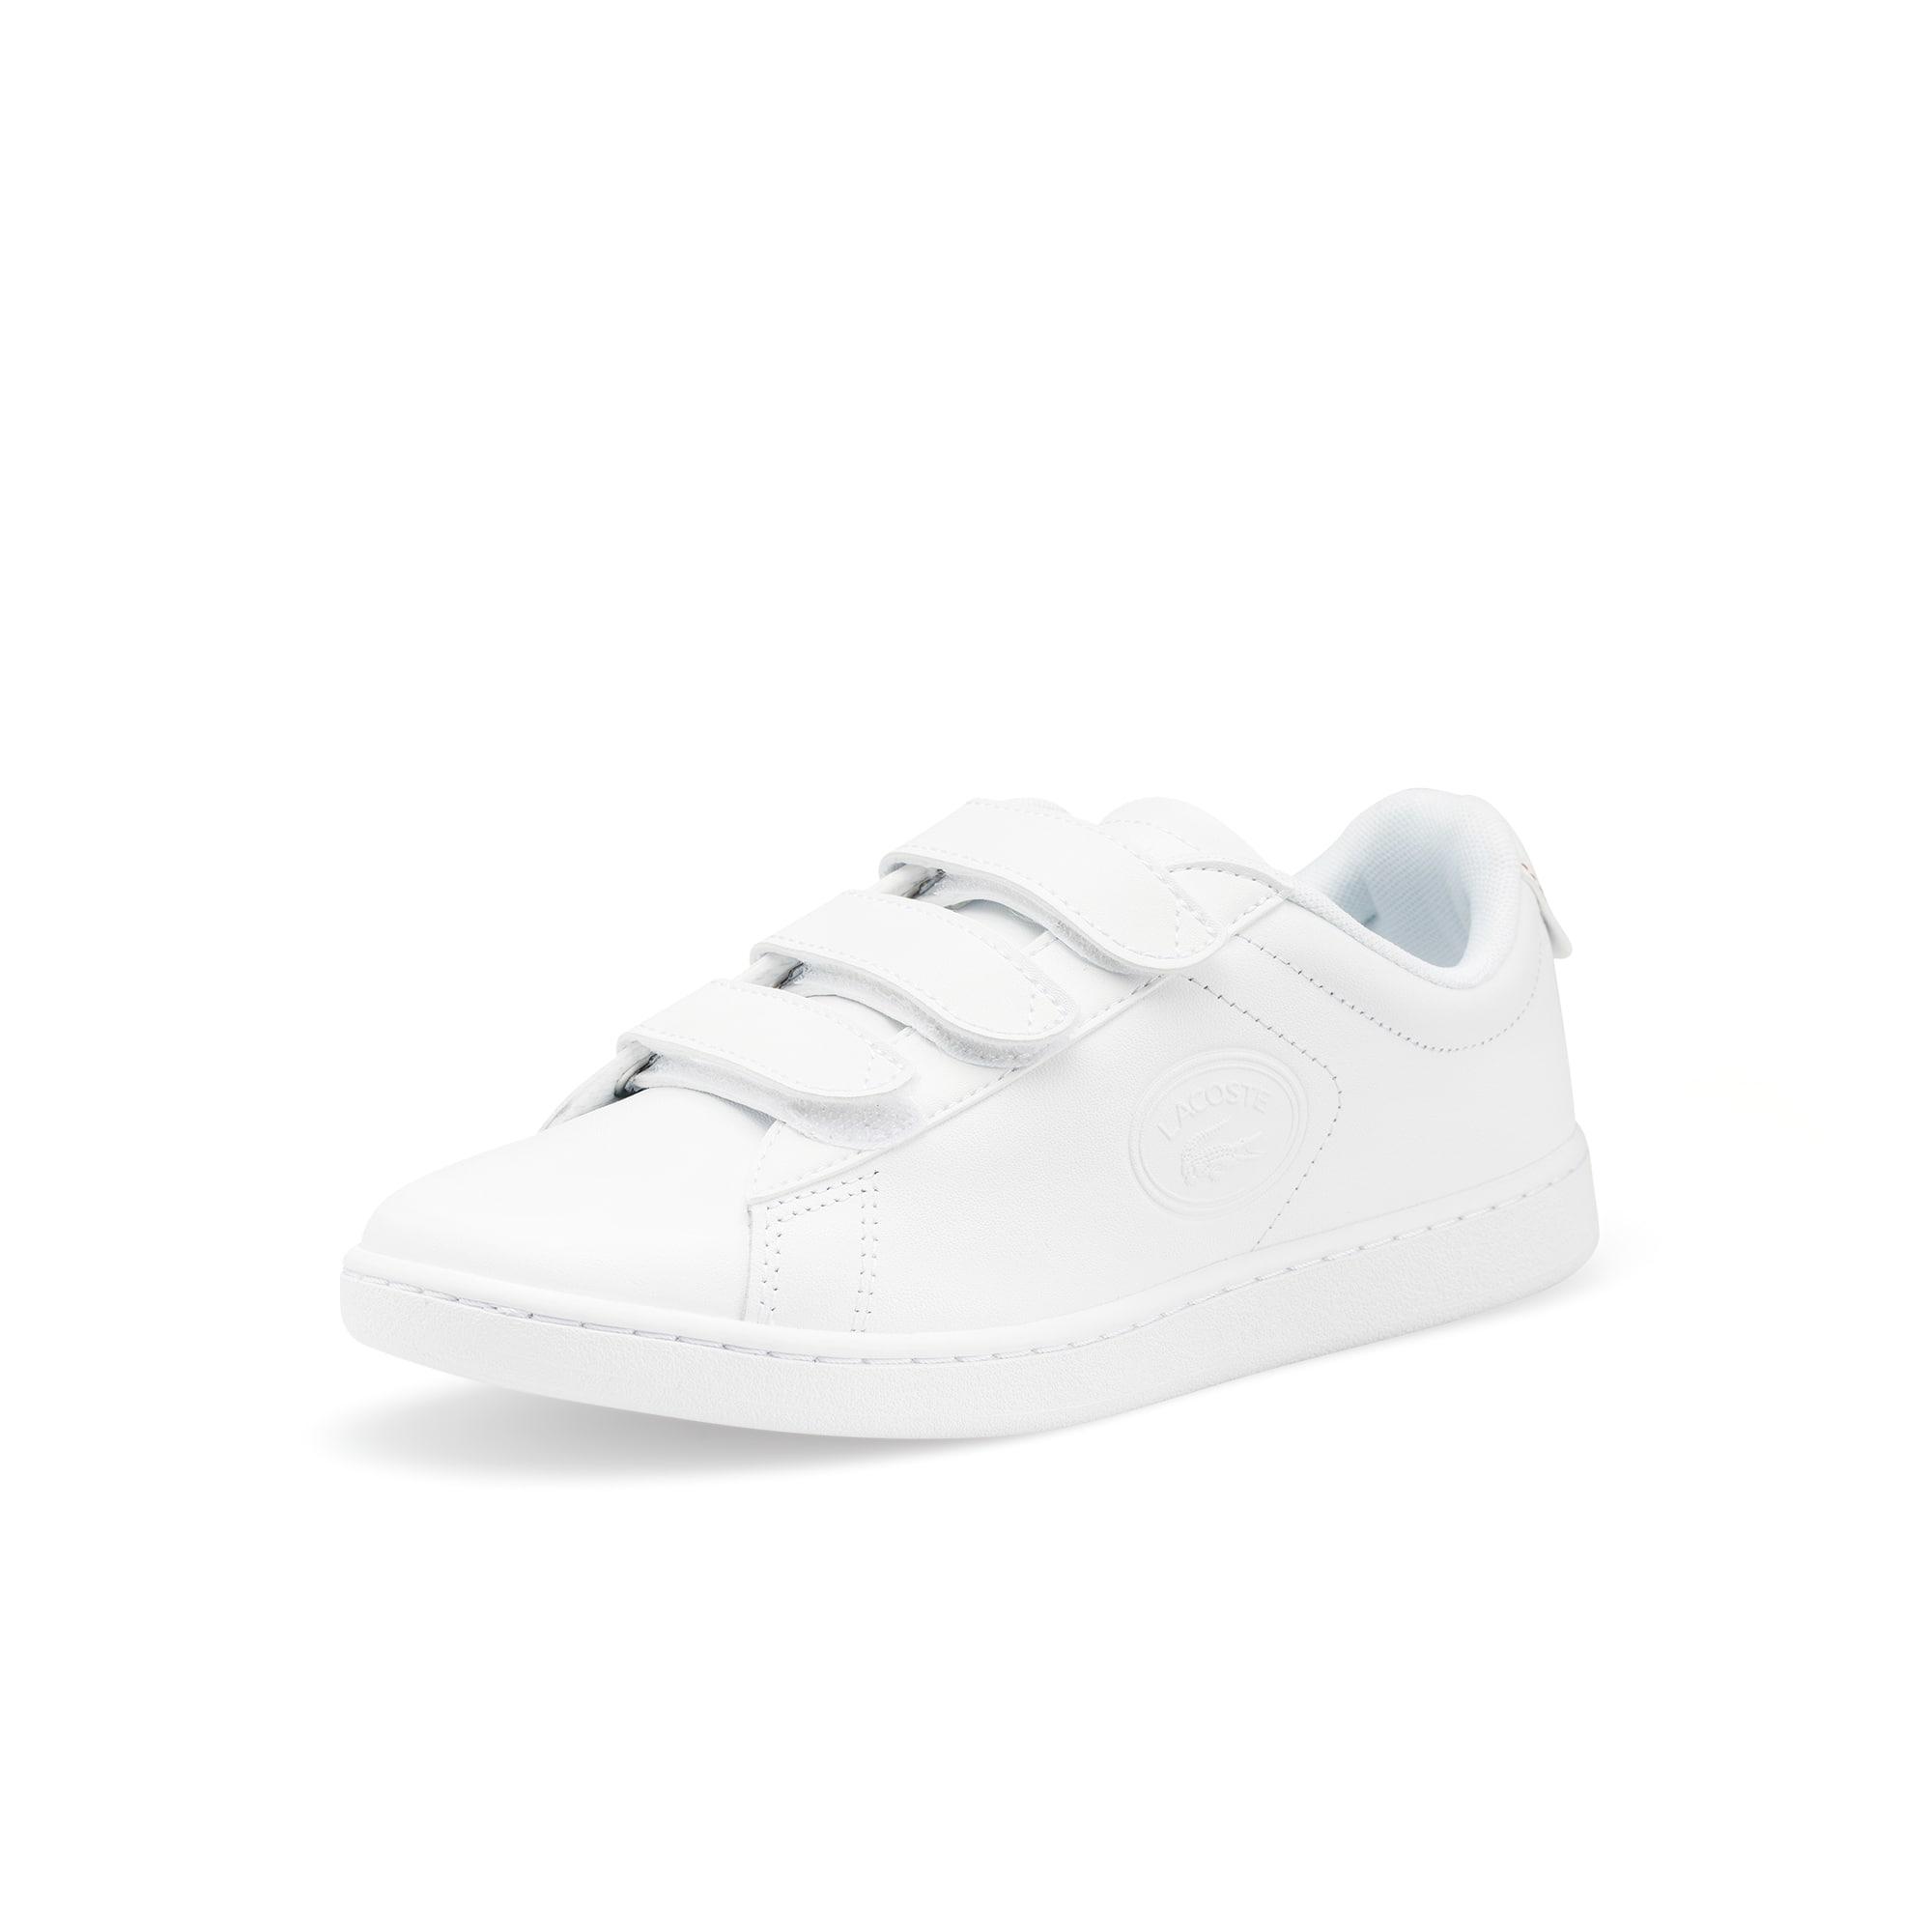 女士Carnaby Evo Strap系列皮革运动鞋